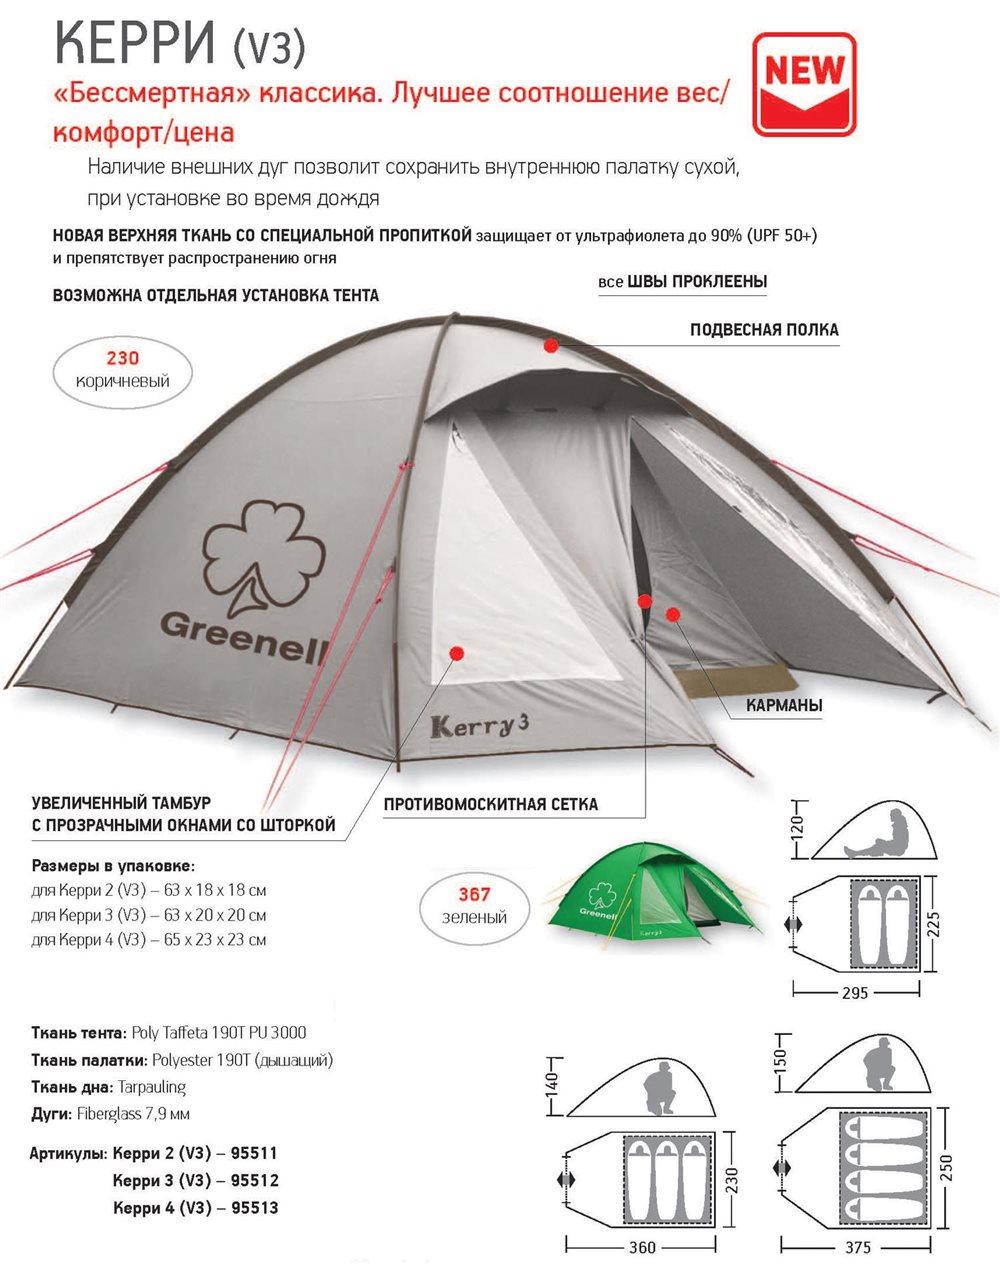 как сложить палатку-автомат (плюс видео инструкция)